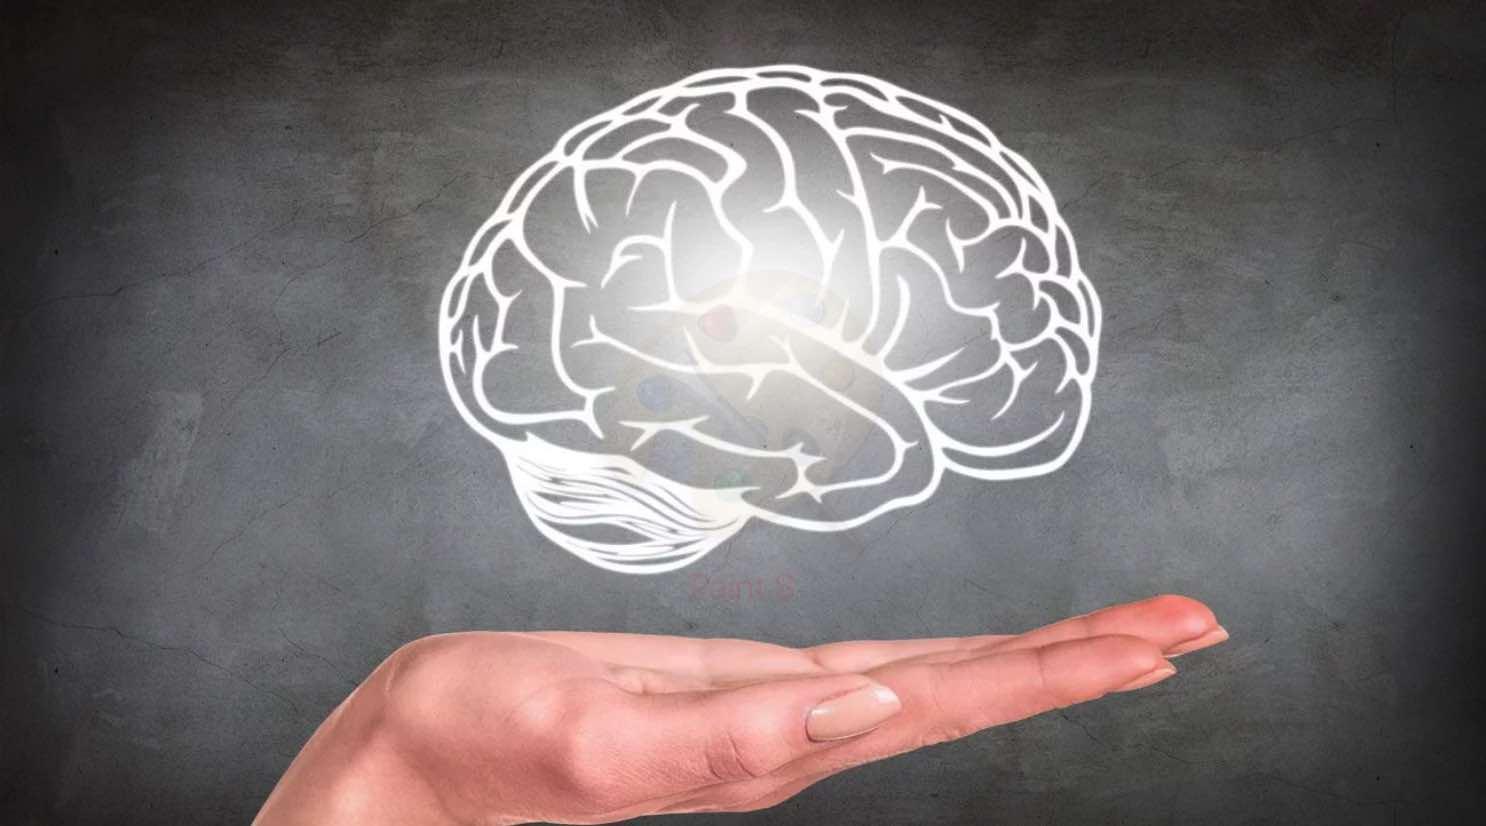 Церебральная мистика: мозг — это душа, компьютер или нечто большее?